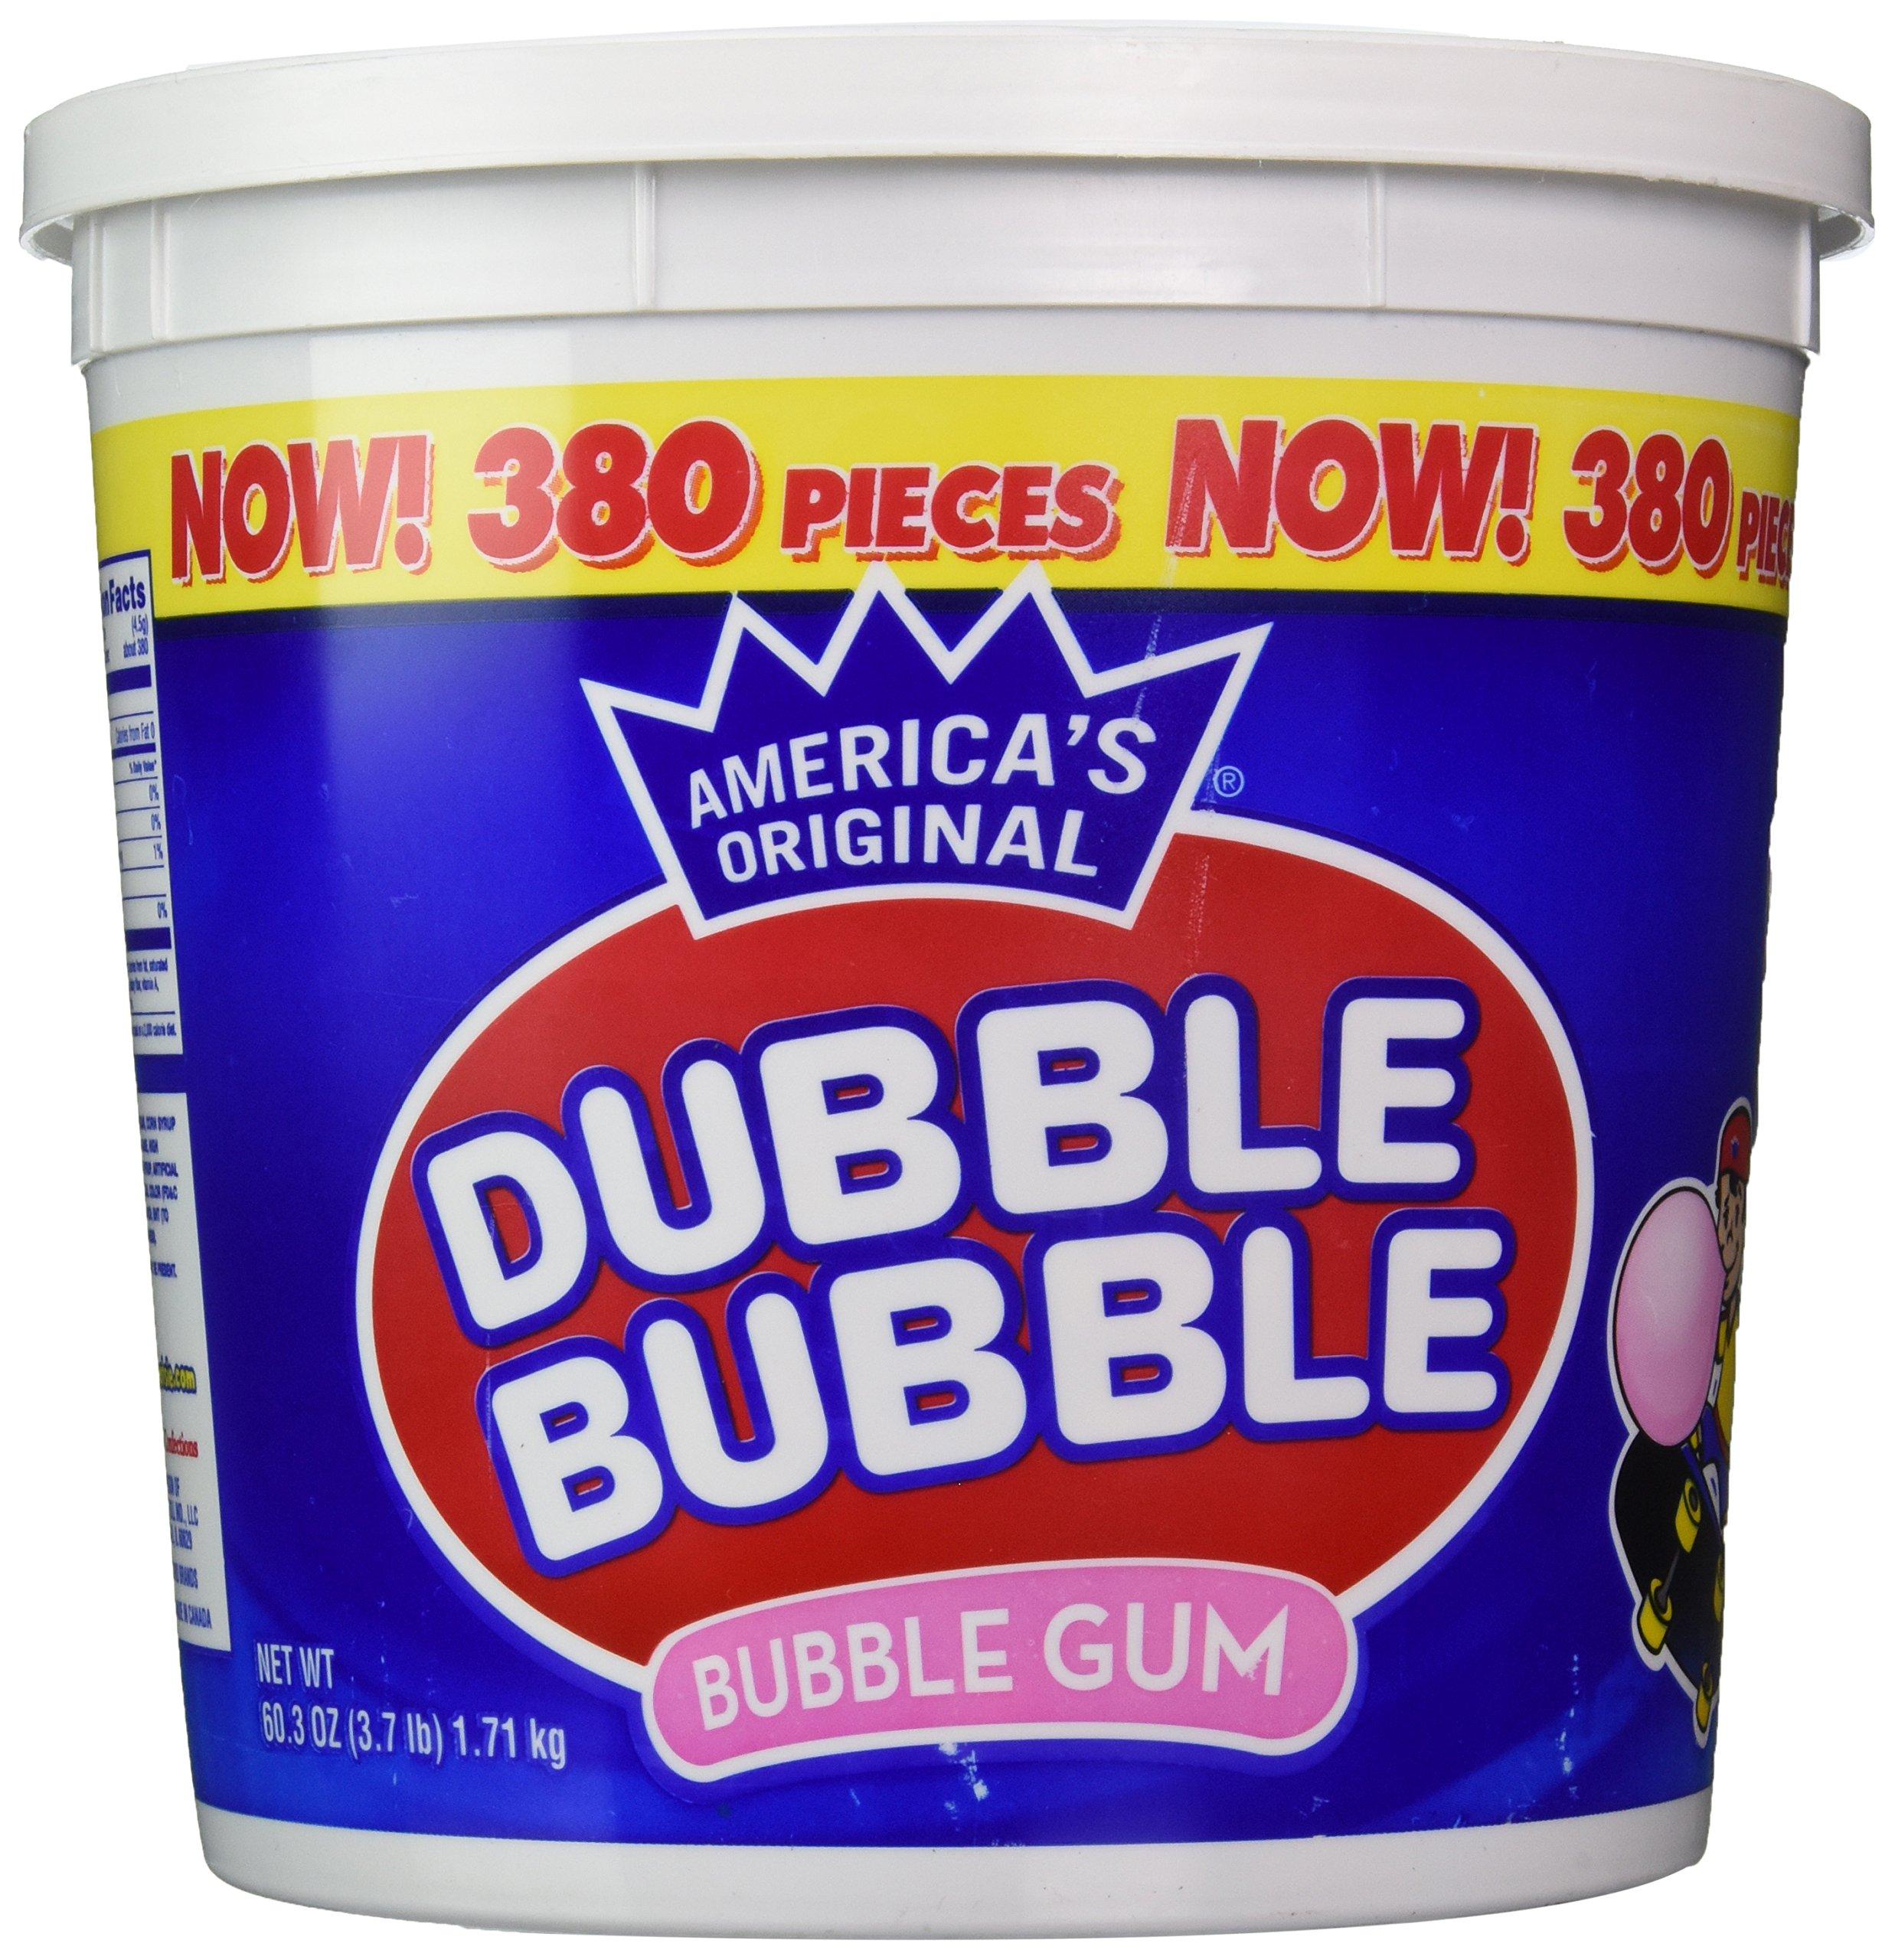 Dubble Bubble Tub, Original Flavor, 380-Count, 60.3 Oz(3.7 lb)